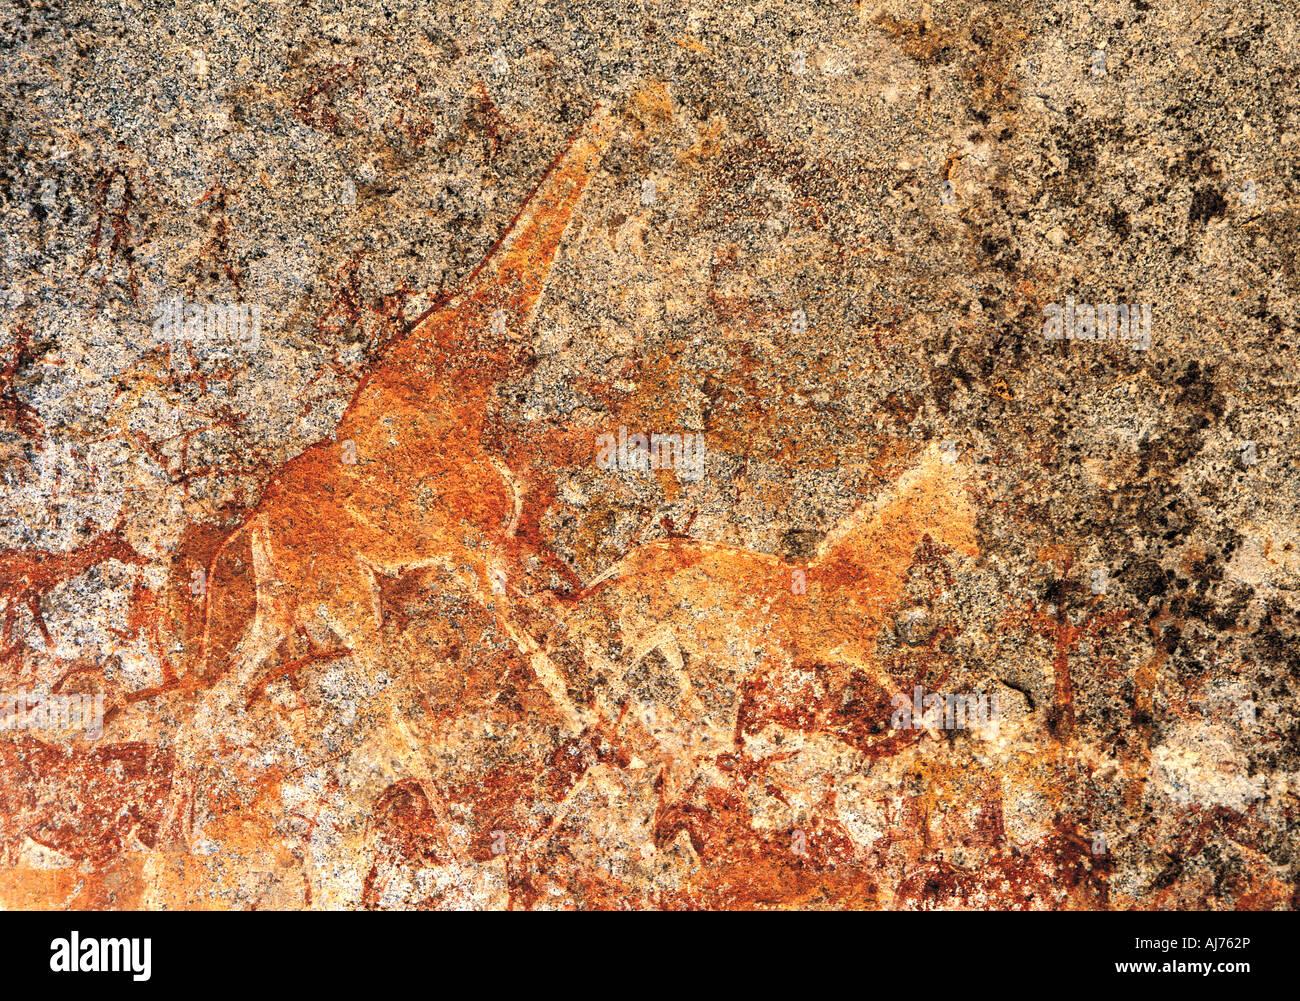 San Bushman Nswatugi o pinturas rupestres en el Parque Nacional de Matobo Zimbabwe Imagen De Stock